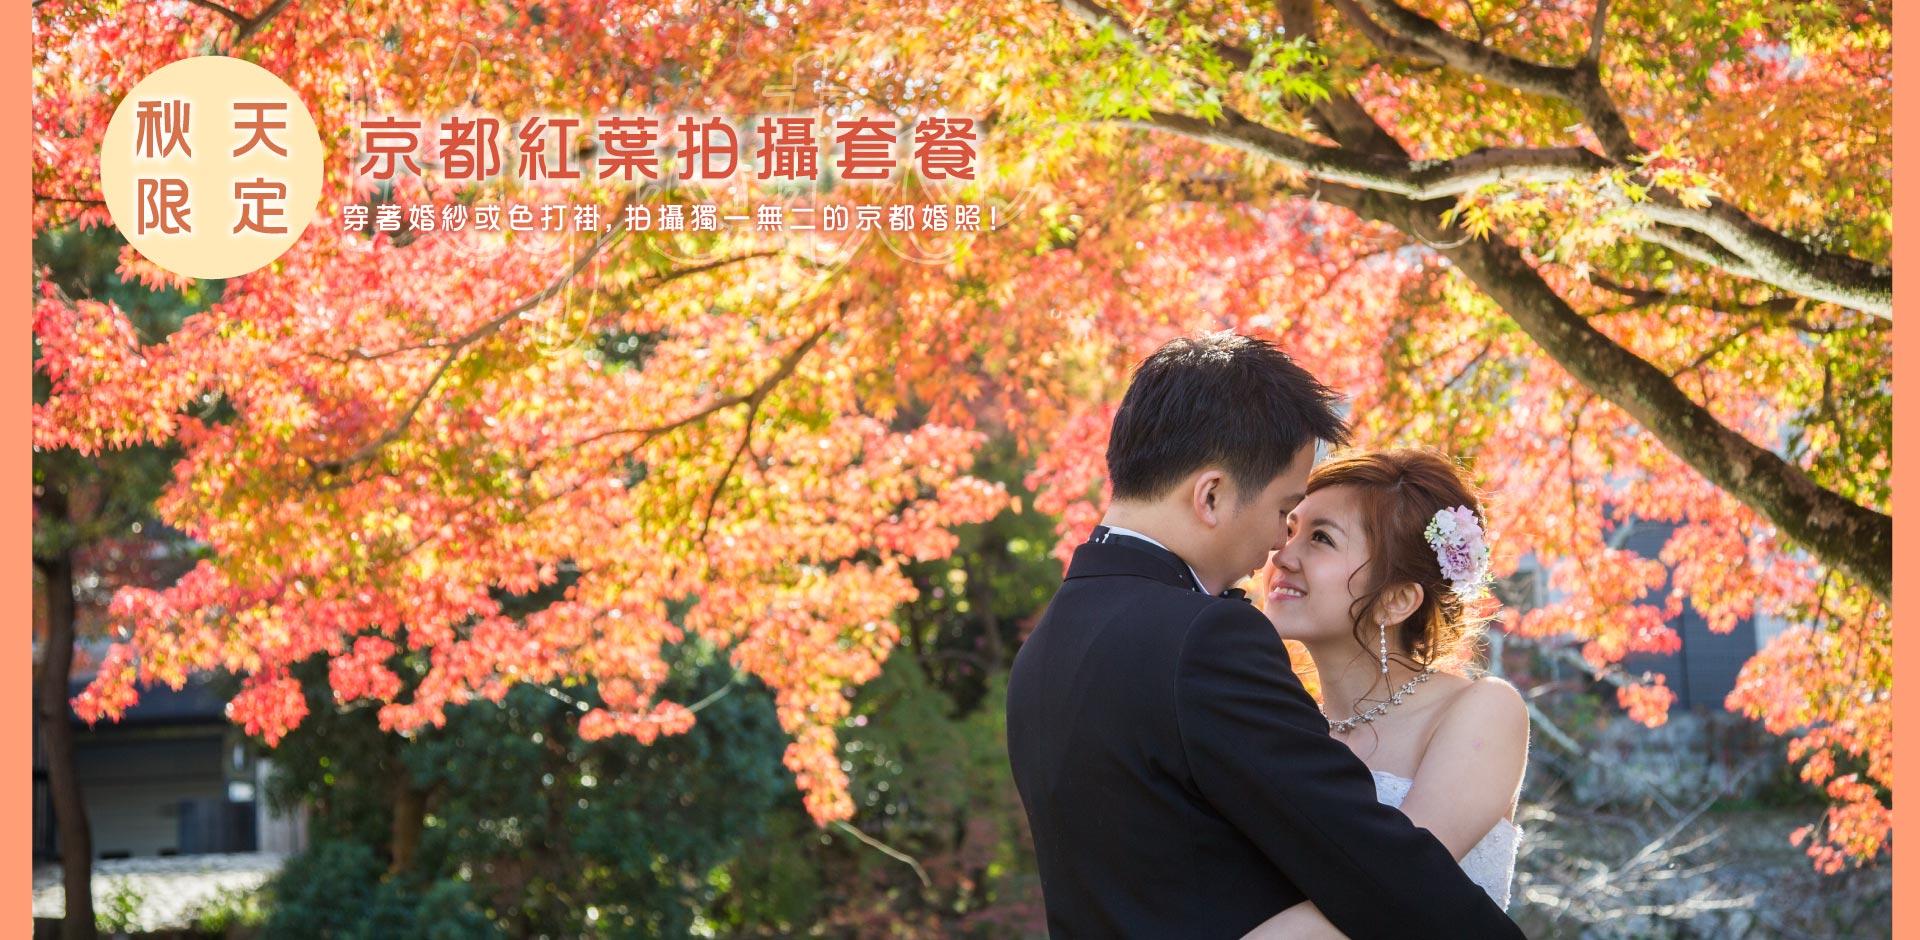 京都婚紗攝影 紅葉攝影 京都 紅葉 拍照 Watabe